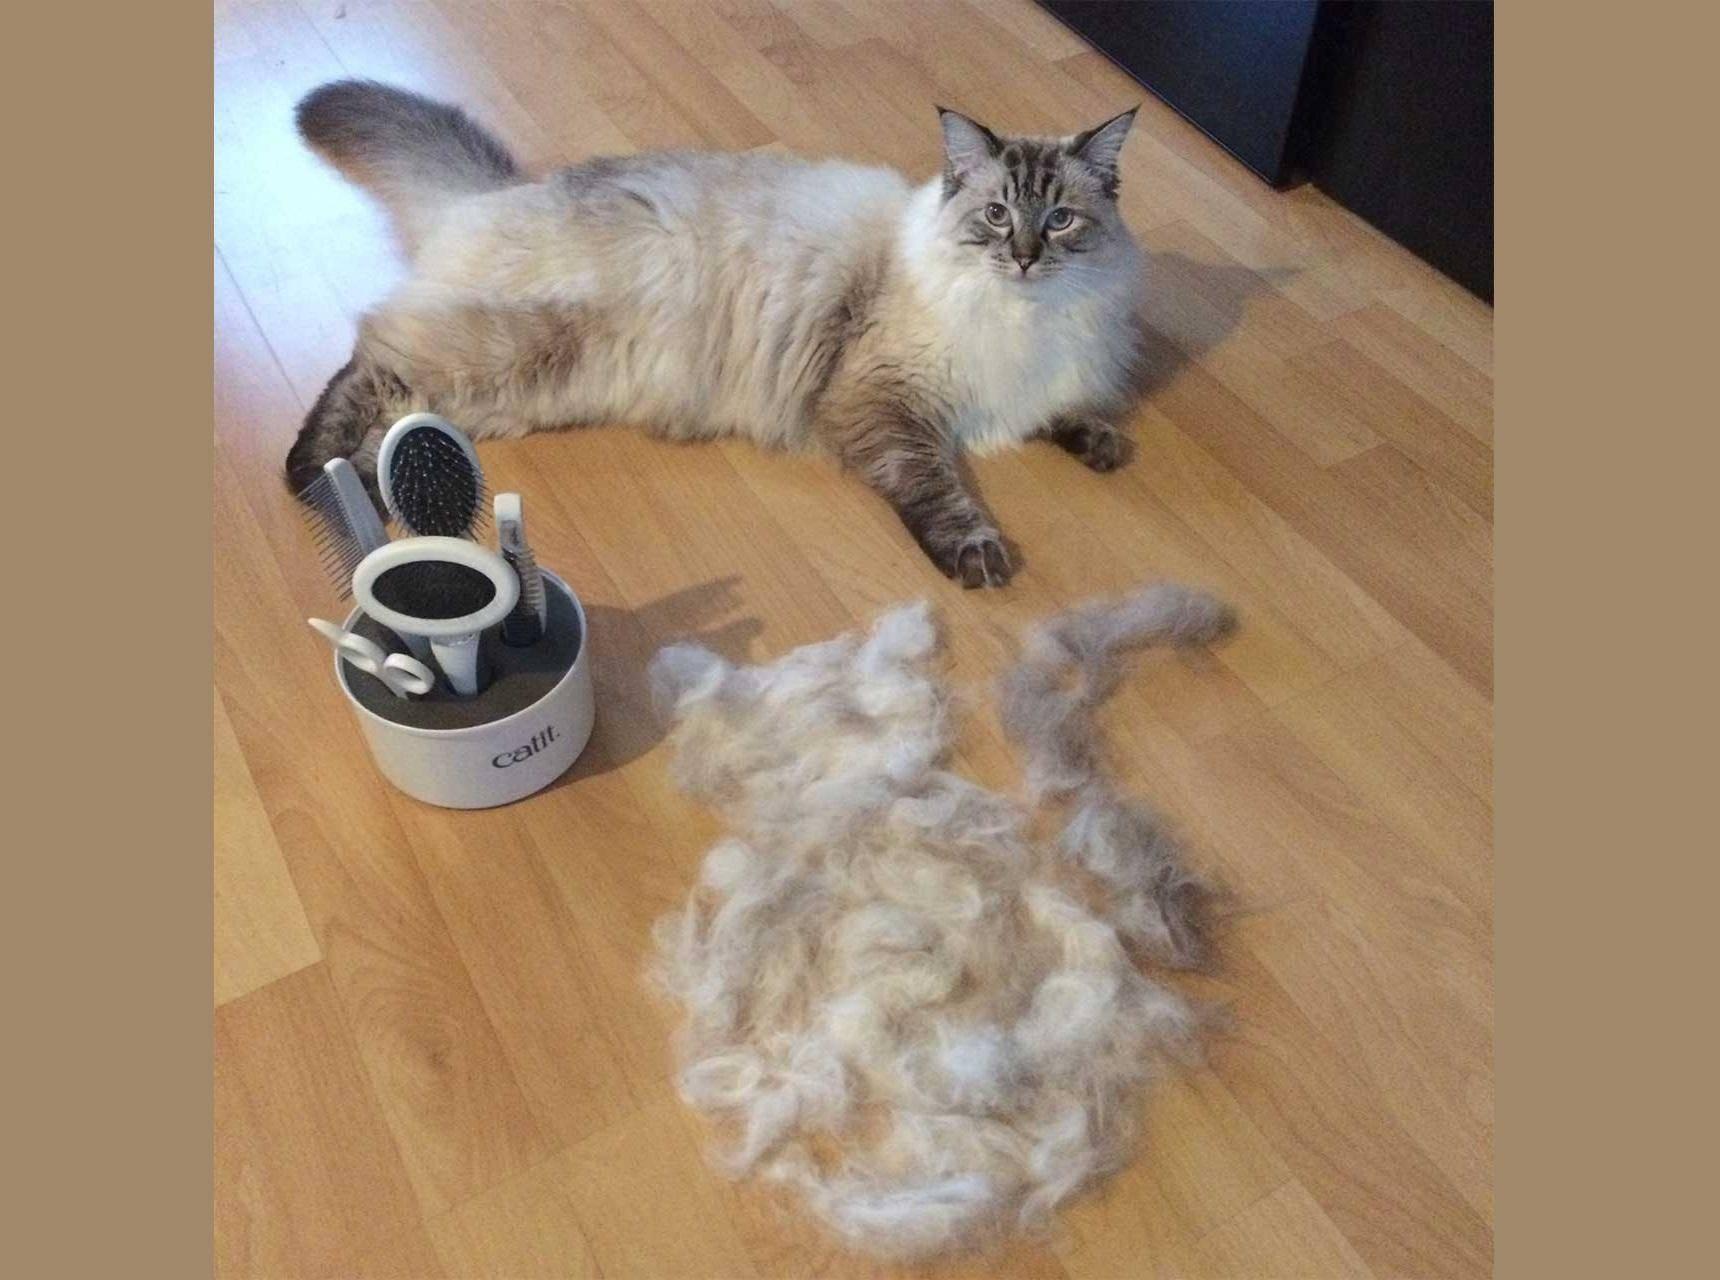 Почему британский кот сильно линяет: причины и способы устранения проблемы